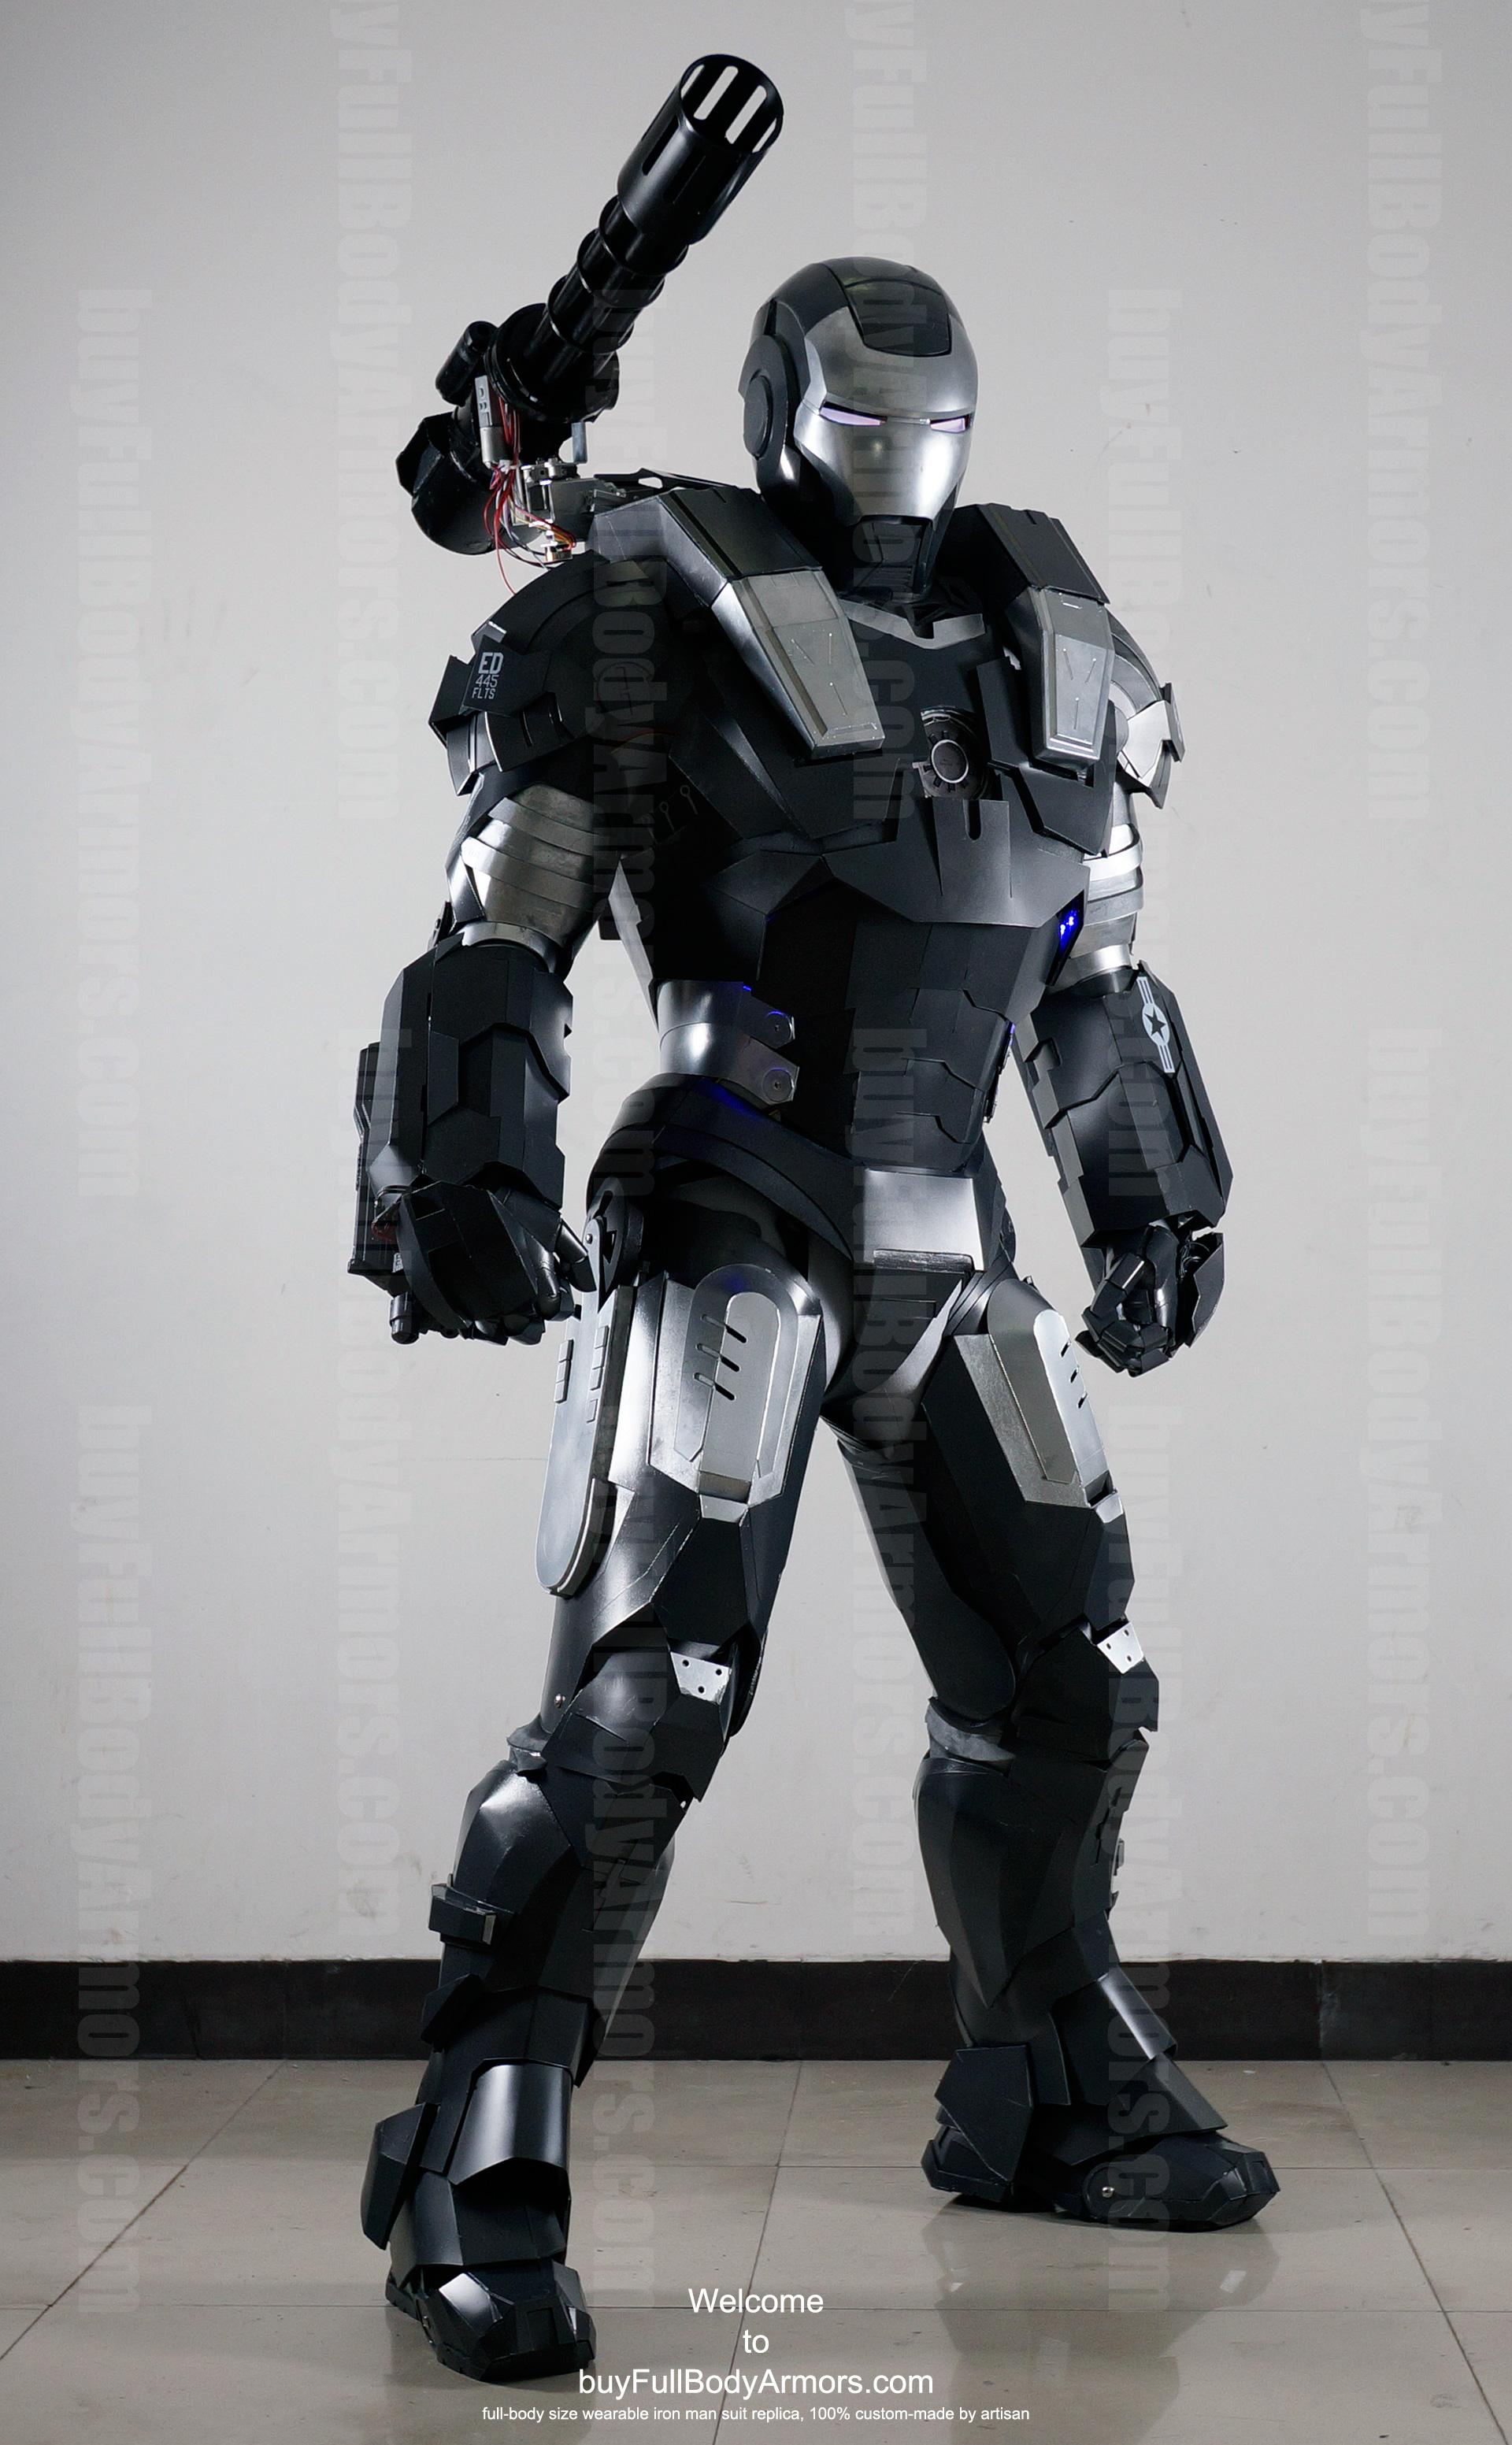 Master Chief Armor Suit